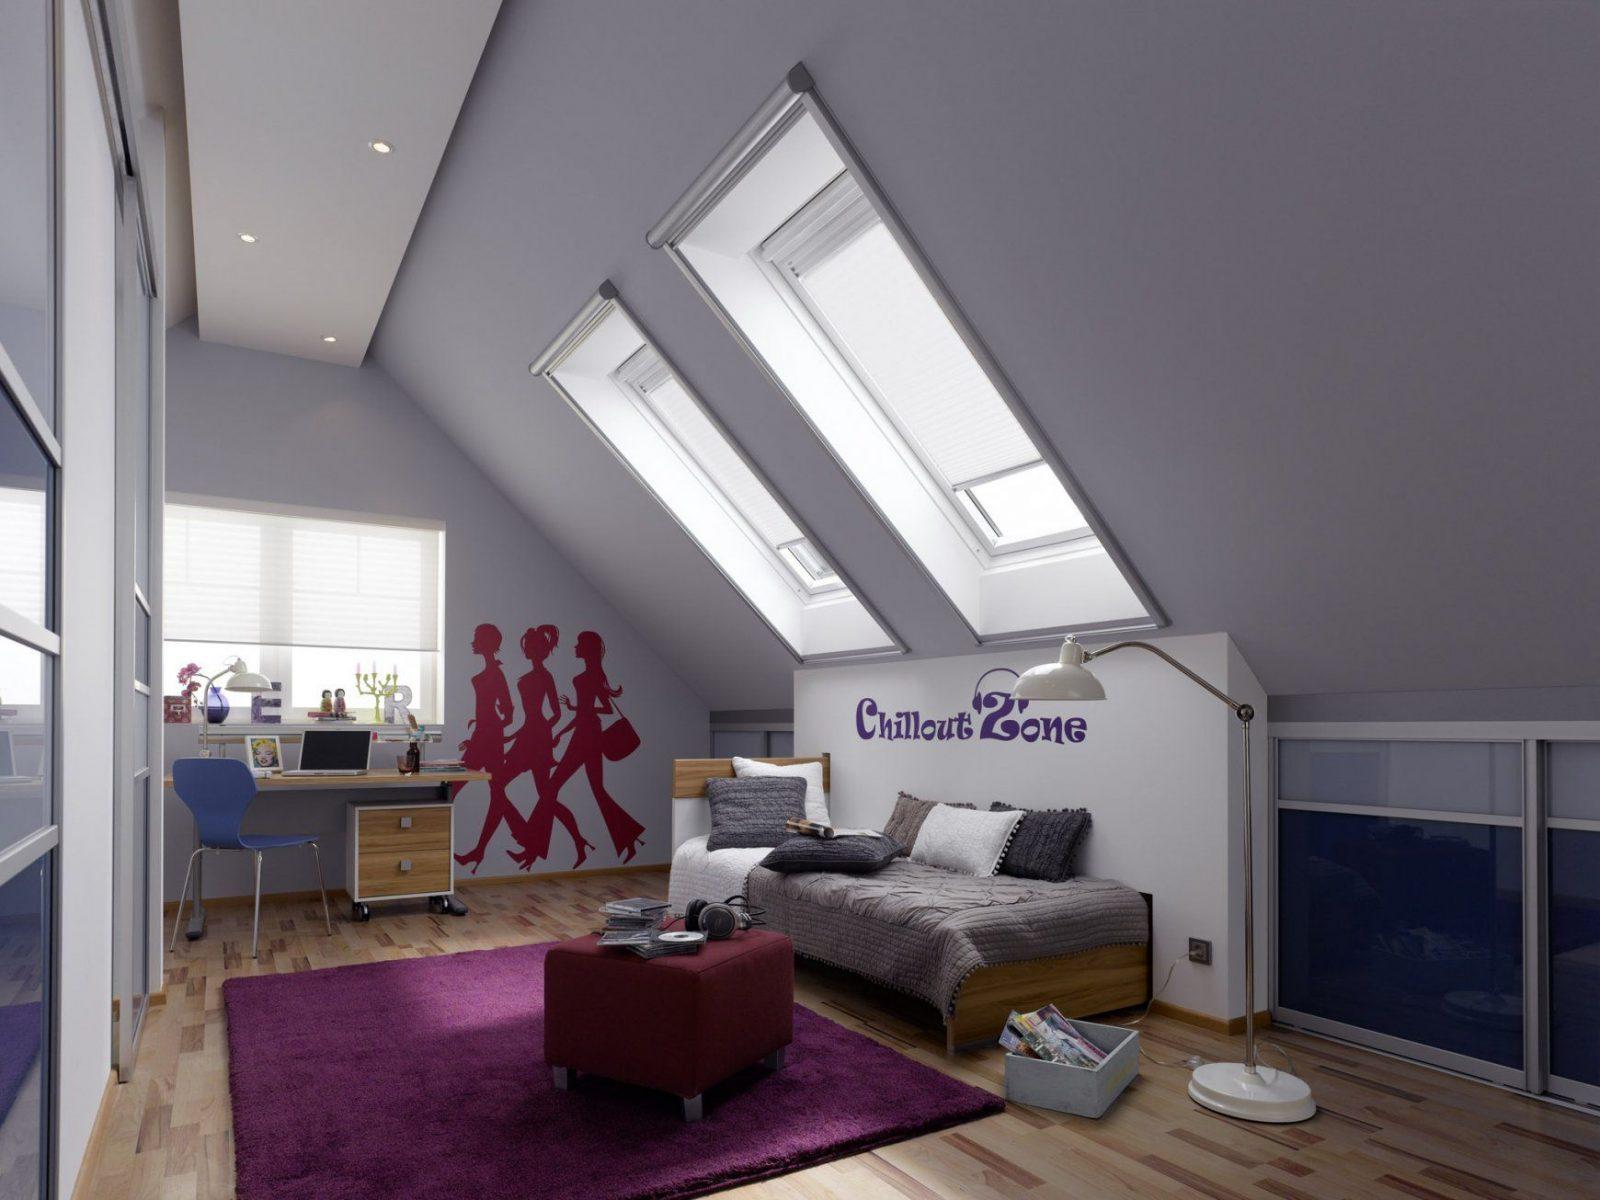 Unglaubliche Ideen Kinderzimmer Junge Dachschräge Und Beste 20 von Farbgestaltung Kinderzimmer Mit Dachschräge Bild